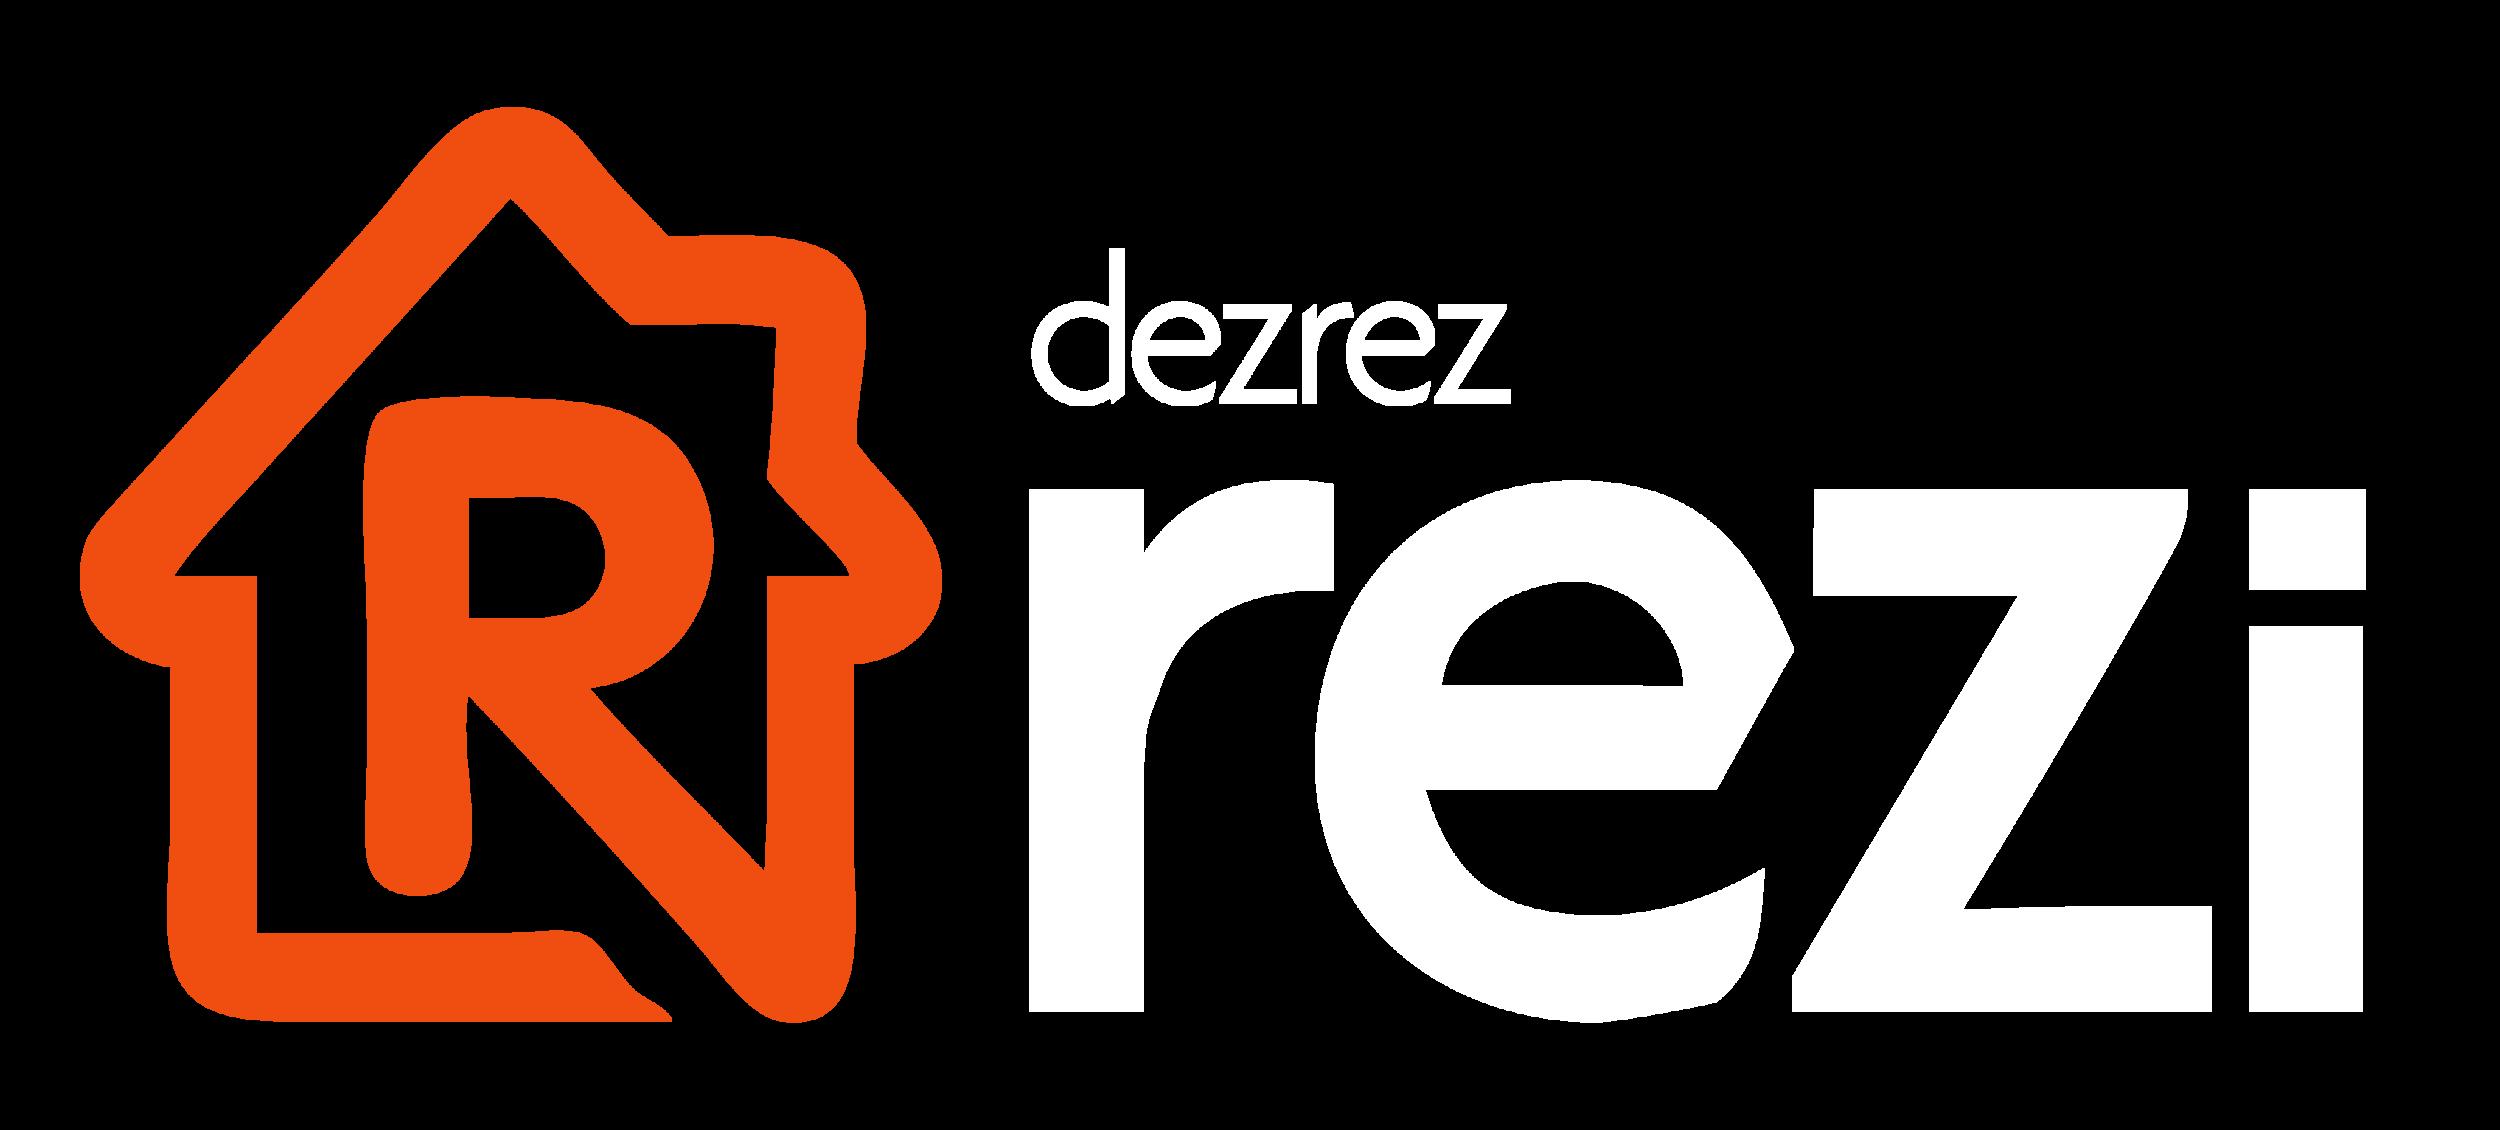 All Dezrez Logos - FINAL_Rezi White.png